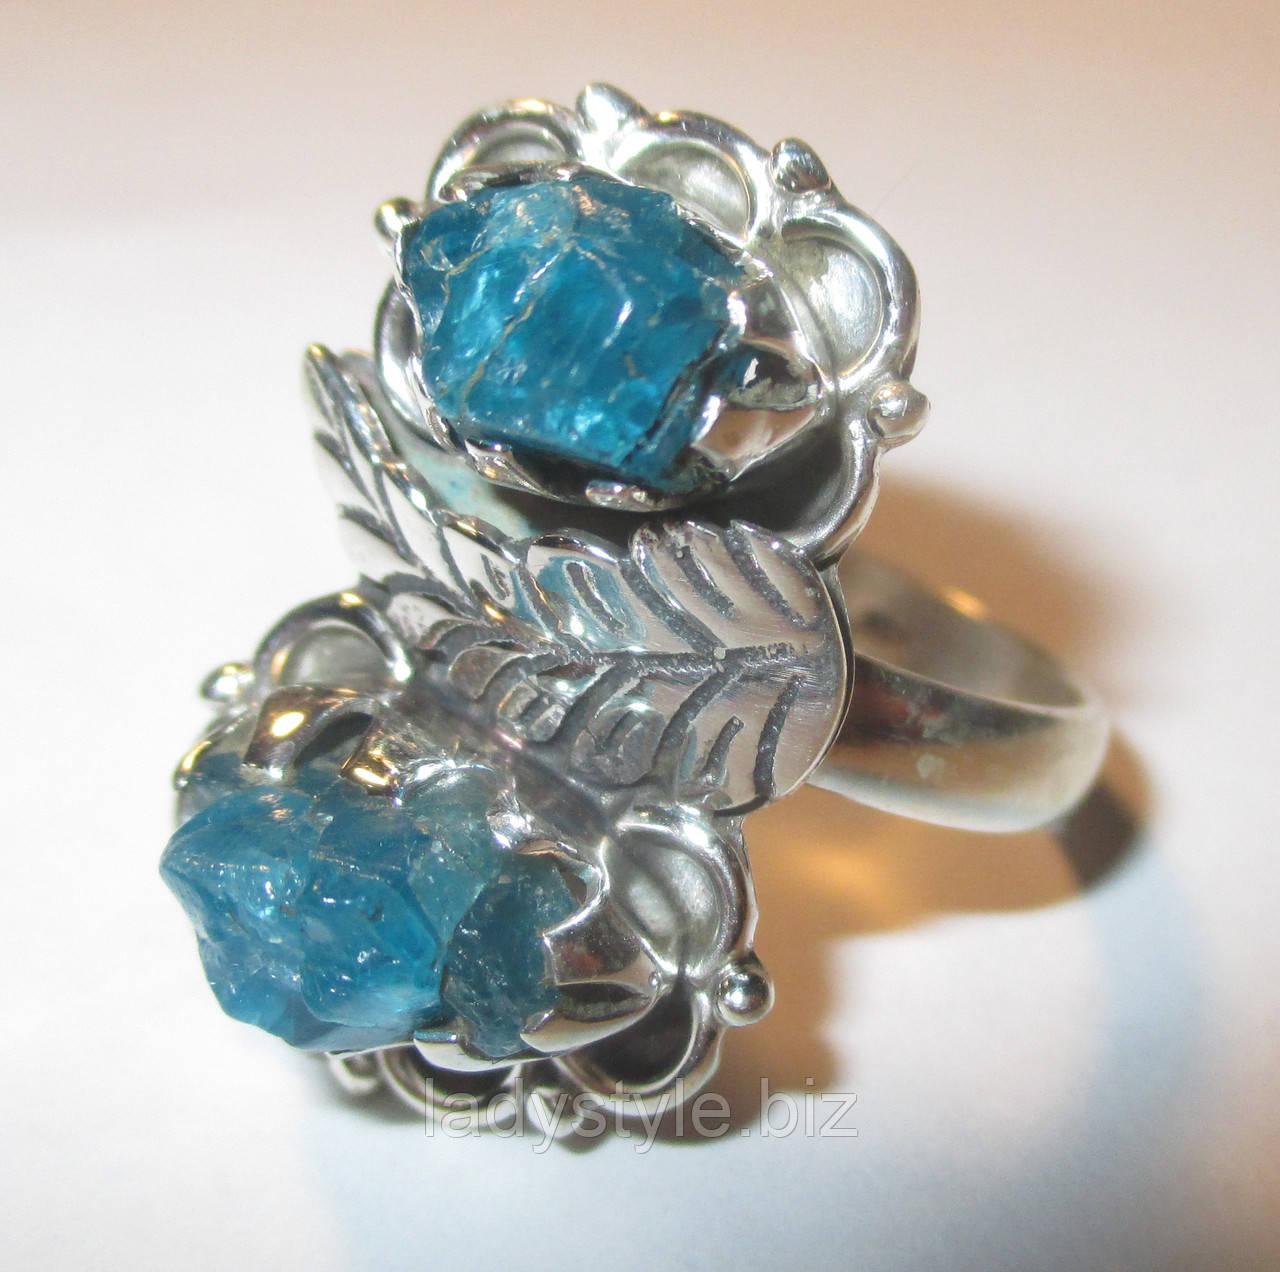 """Срібний перстень з натуральним апатитом """"Неон"""",розмір 18,8 від студії LadyStyle.Biz"""